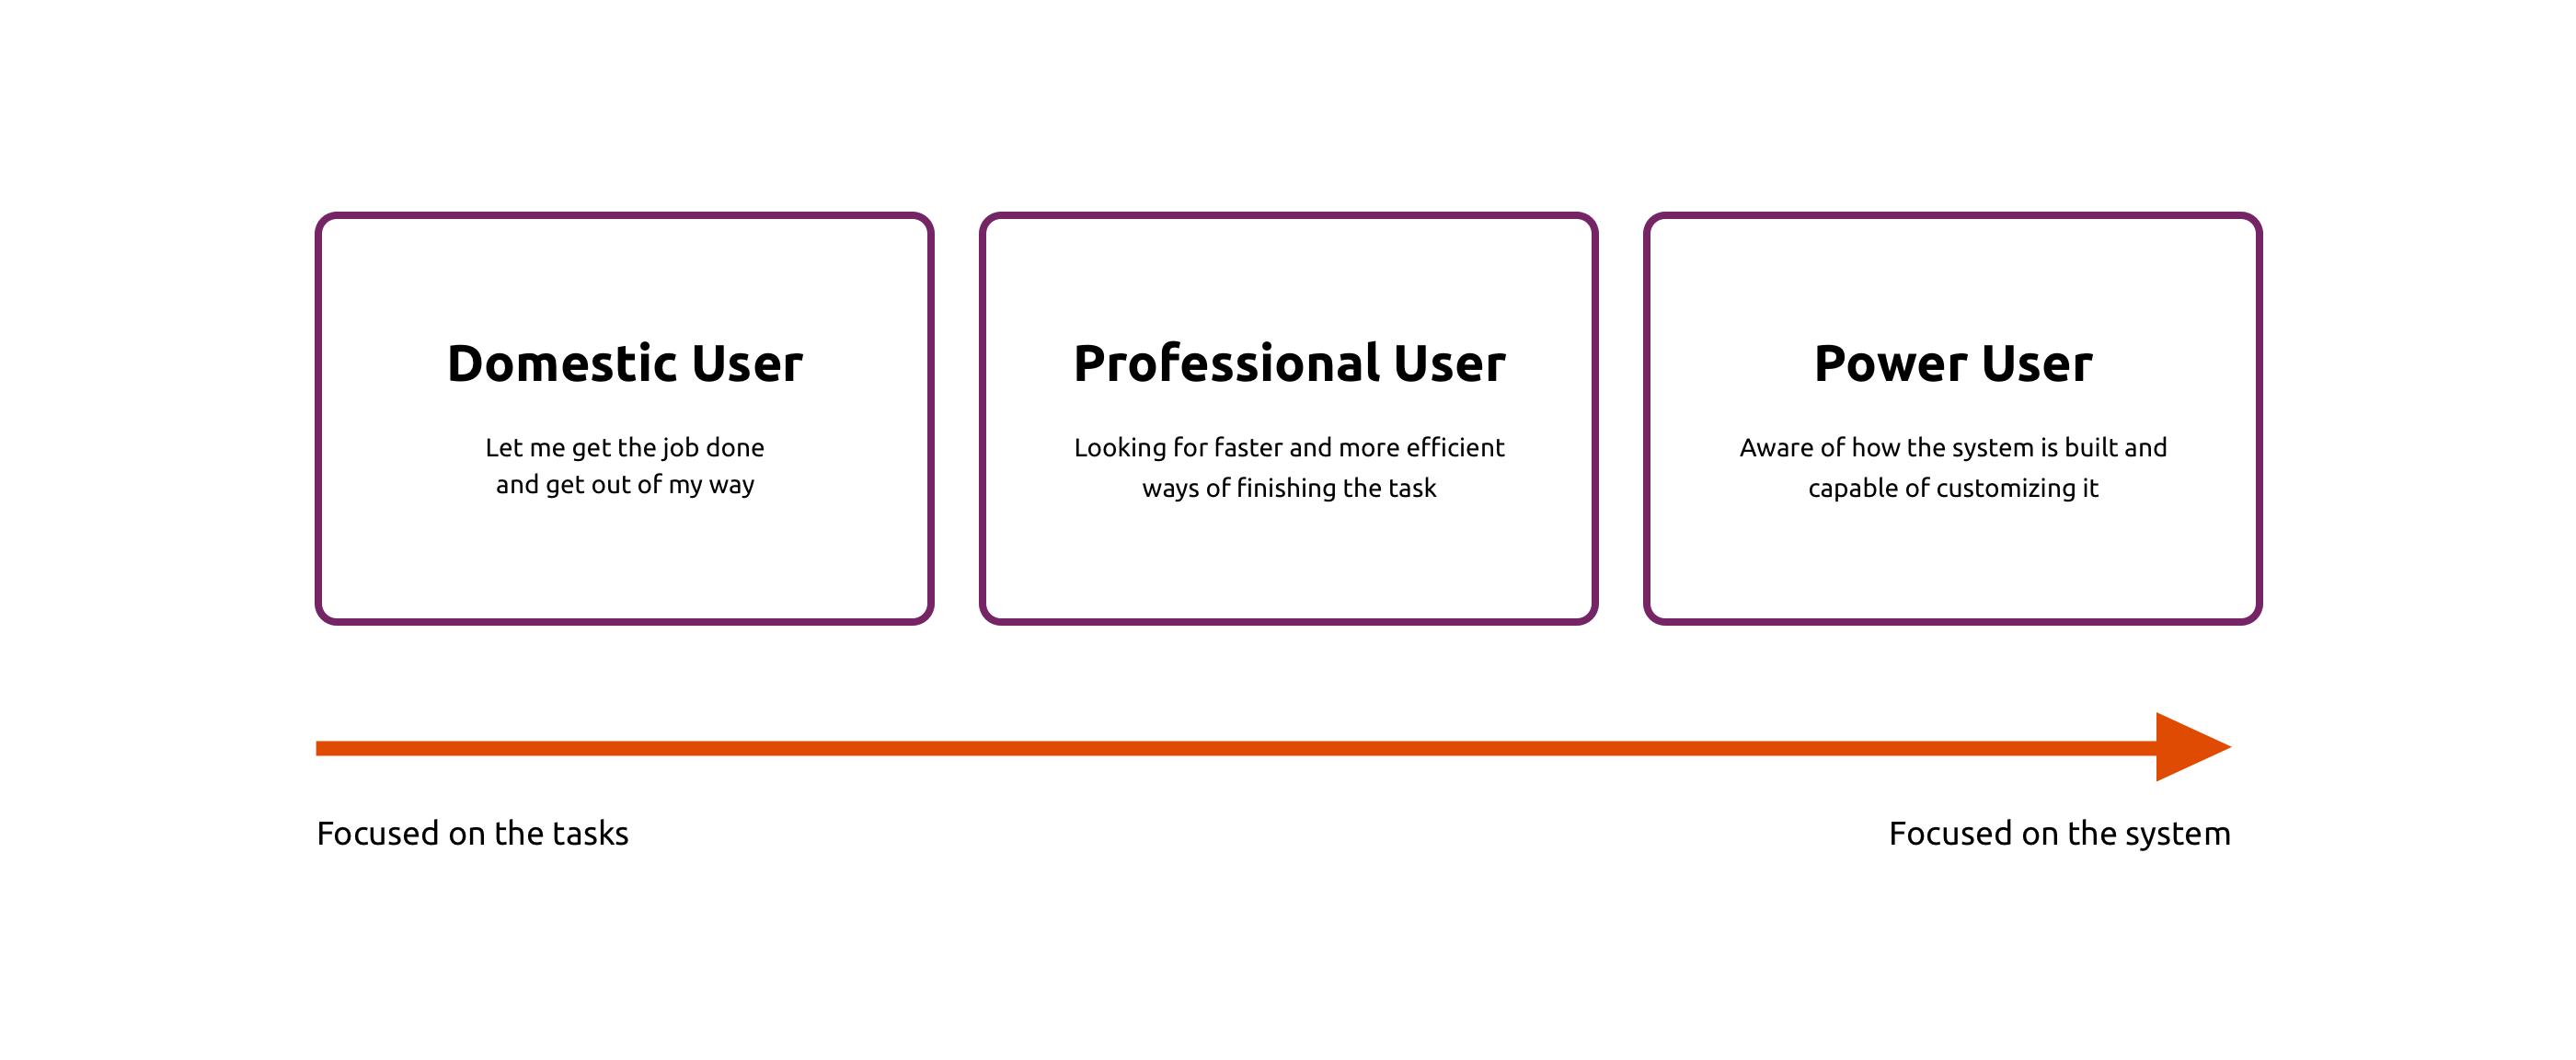 Ubuntu users